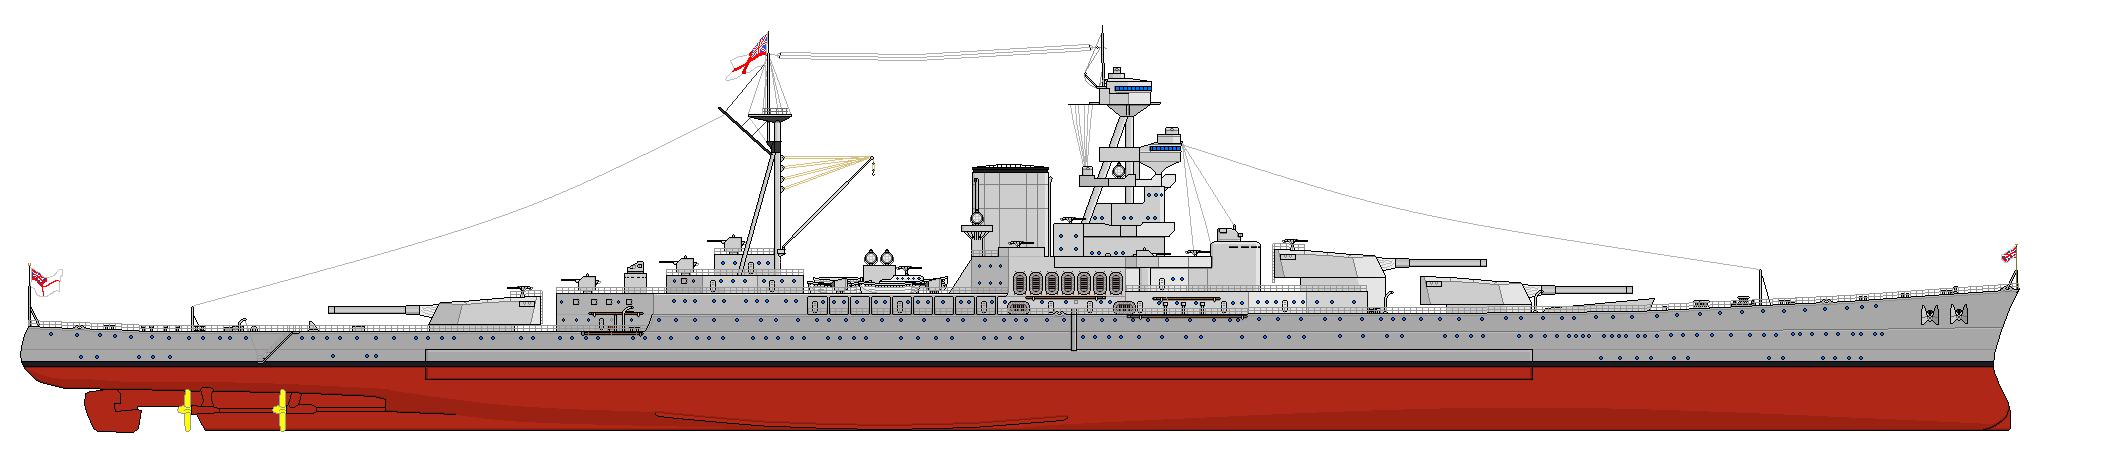 Fisher utolsó csatacirkálója, az 50 ezer tonnás Incomparable, mely a britek szerencséjére már nem jutott el a megvalósításig.